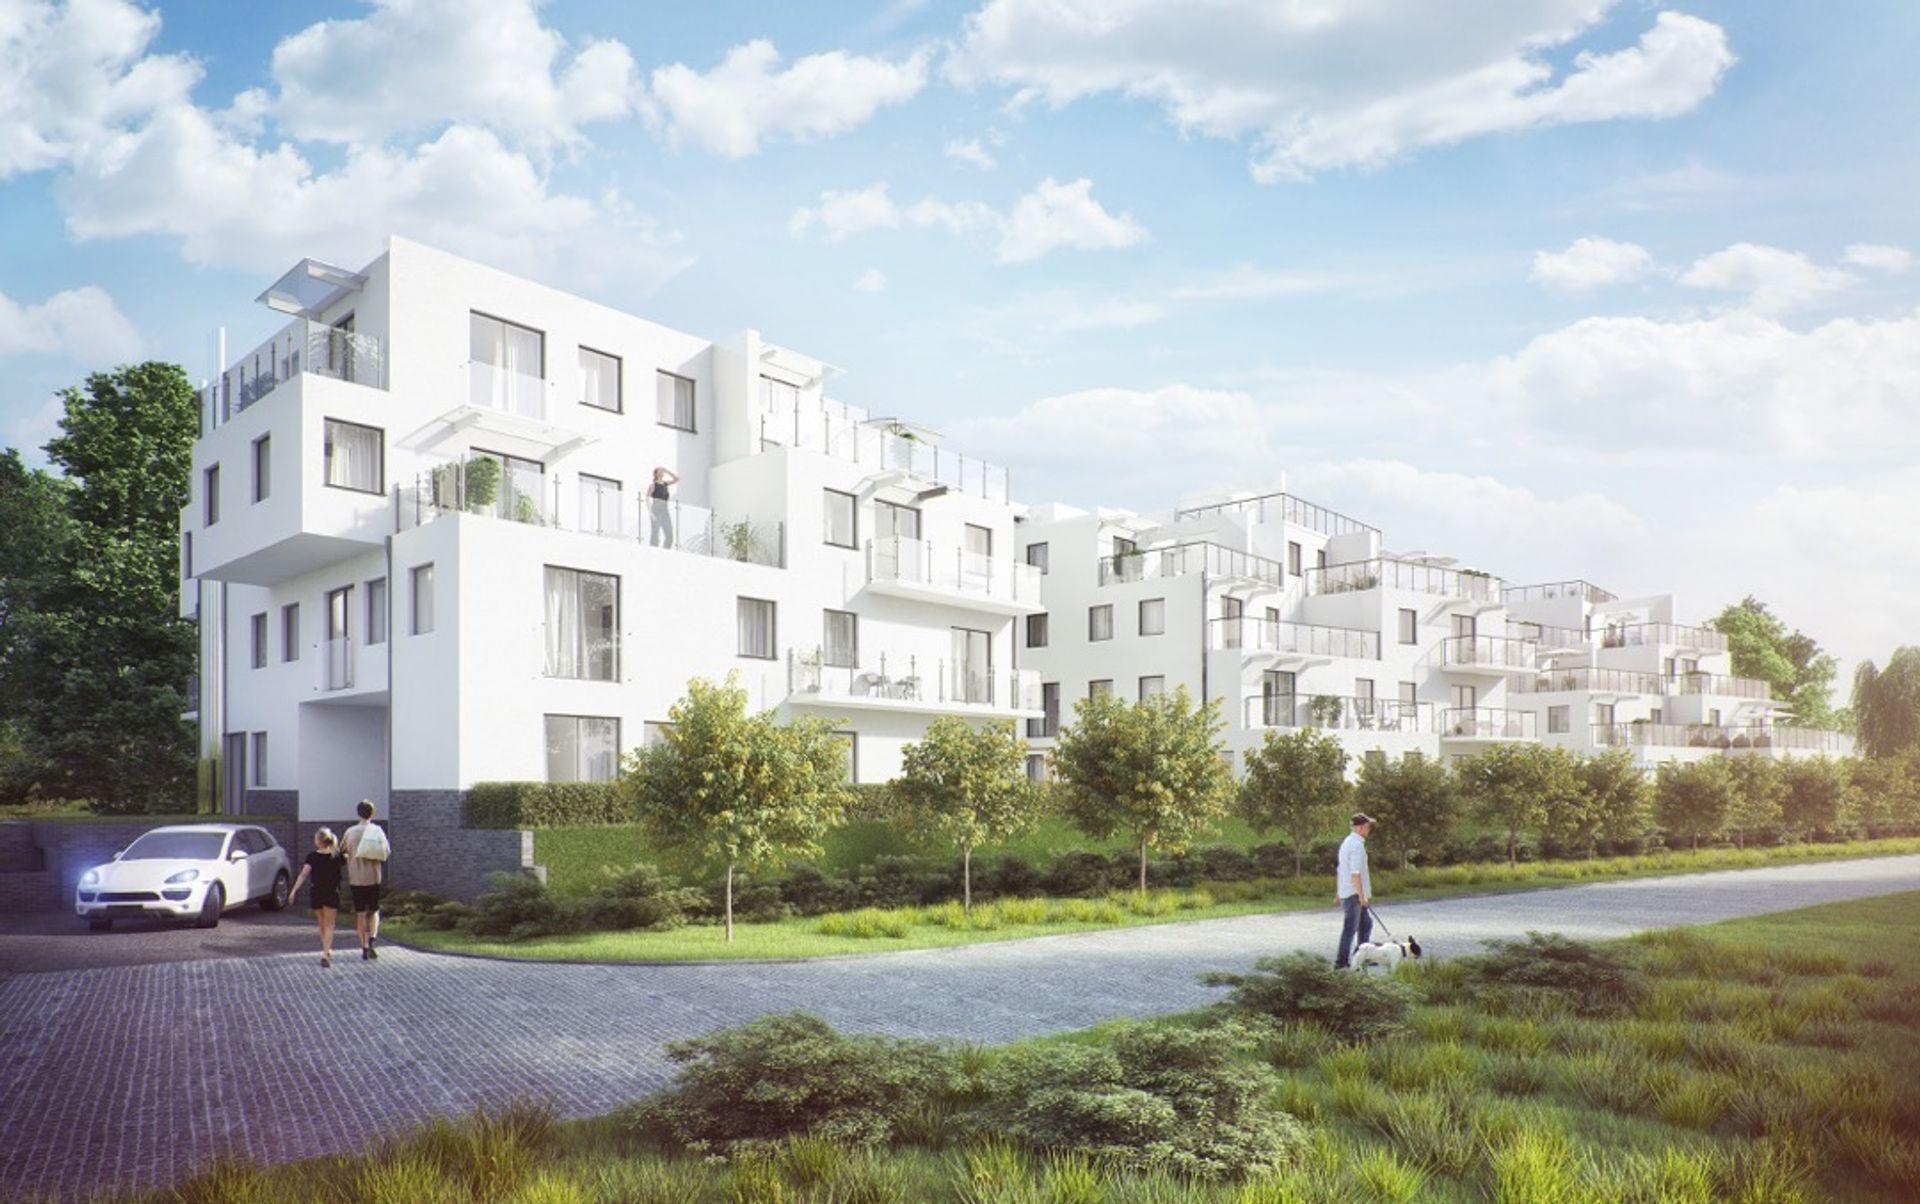 [Wrocław] Złotniki Plus. Na zachodzie Wrocławia stanie nowe osiedle [WIZUALIZACJE]